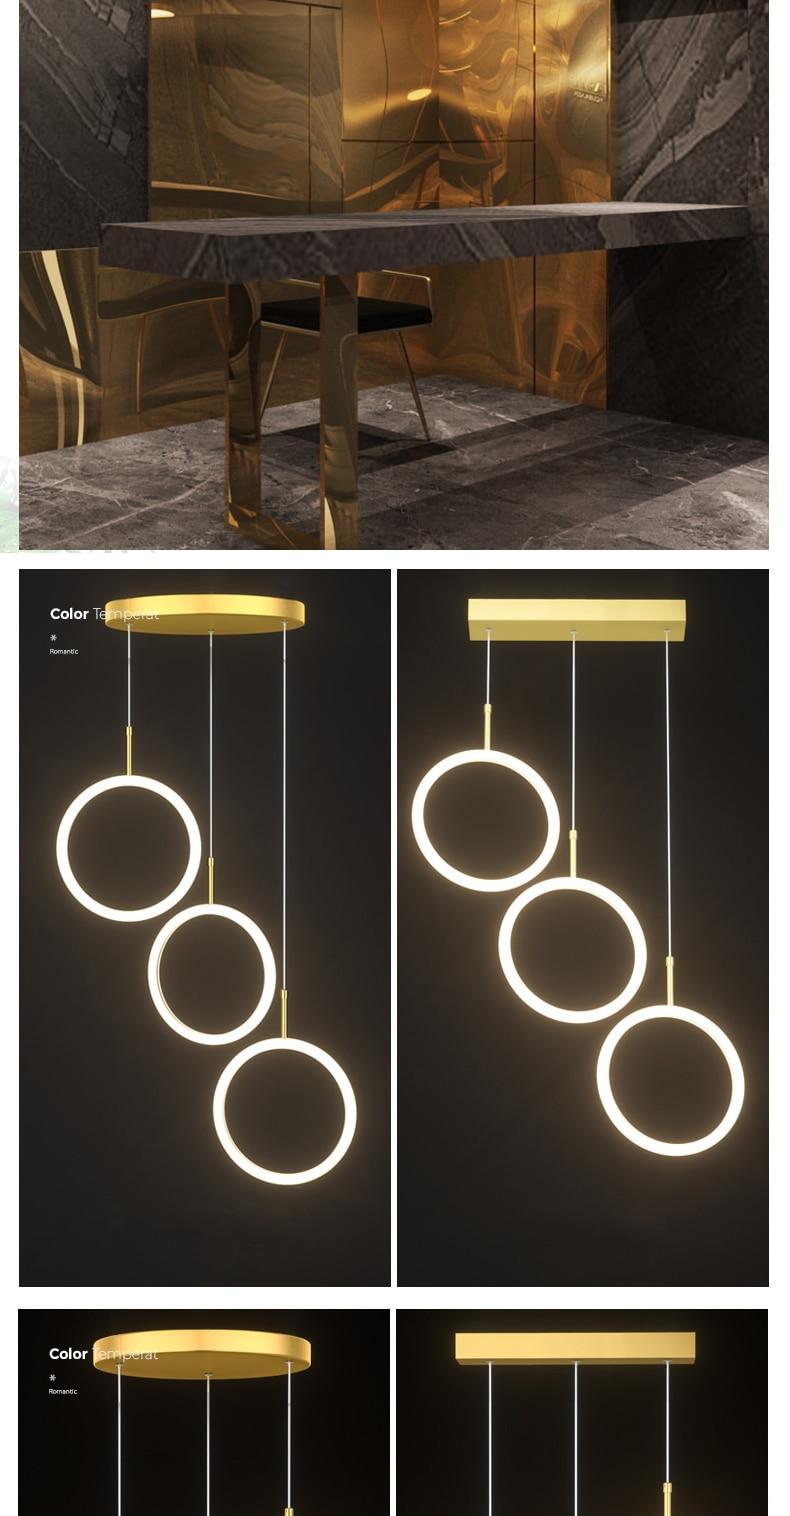 北欧风格创意个性吊灯简约现代圆环形三头餐厅灯吧台灯餐吊灯具-tmall_03